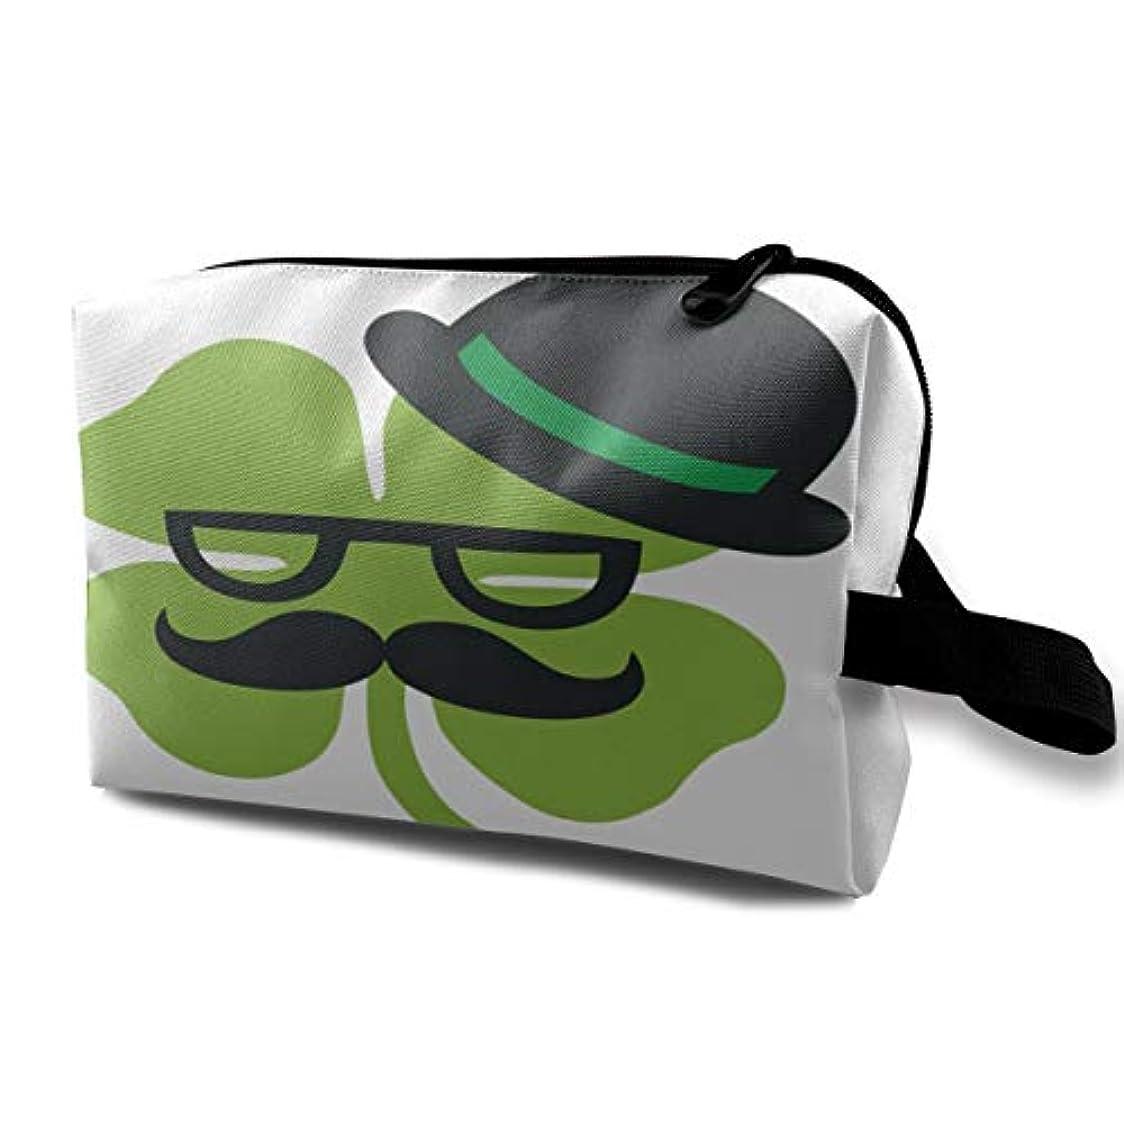 小石防水きらきらClover With Glasses Wear Hat 収納ポーチ 化粧ポーチ 大容量 軽量 耐久性 ハンドル付持ち運び便利。入れ 自宅・出張・旅行・アウトドア撮影などに対応。メンズ レディース トラベルグッズ